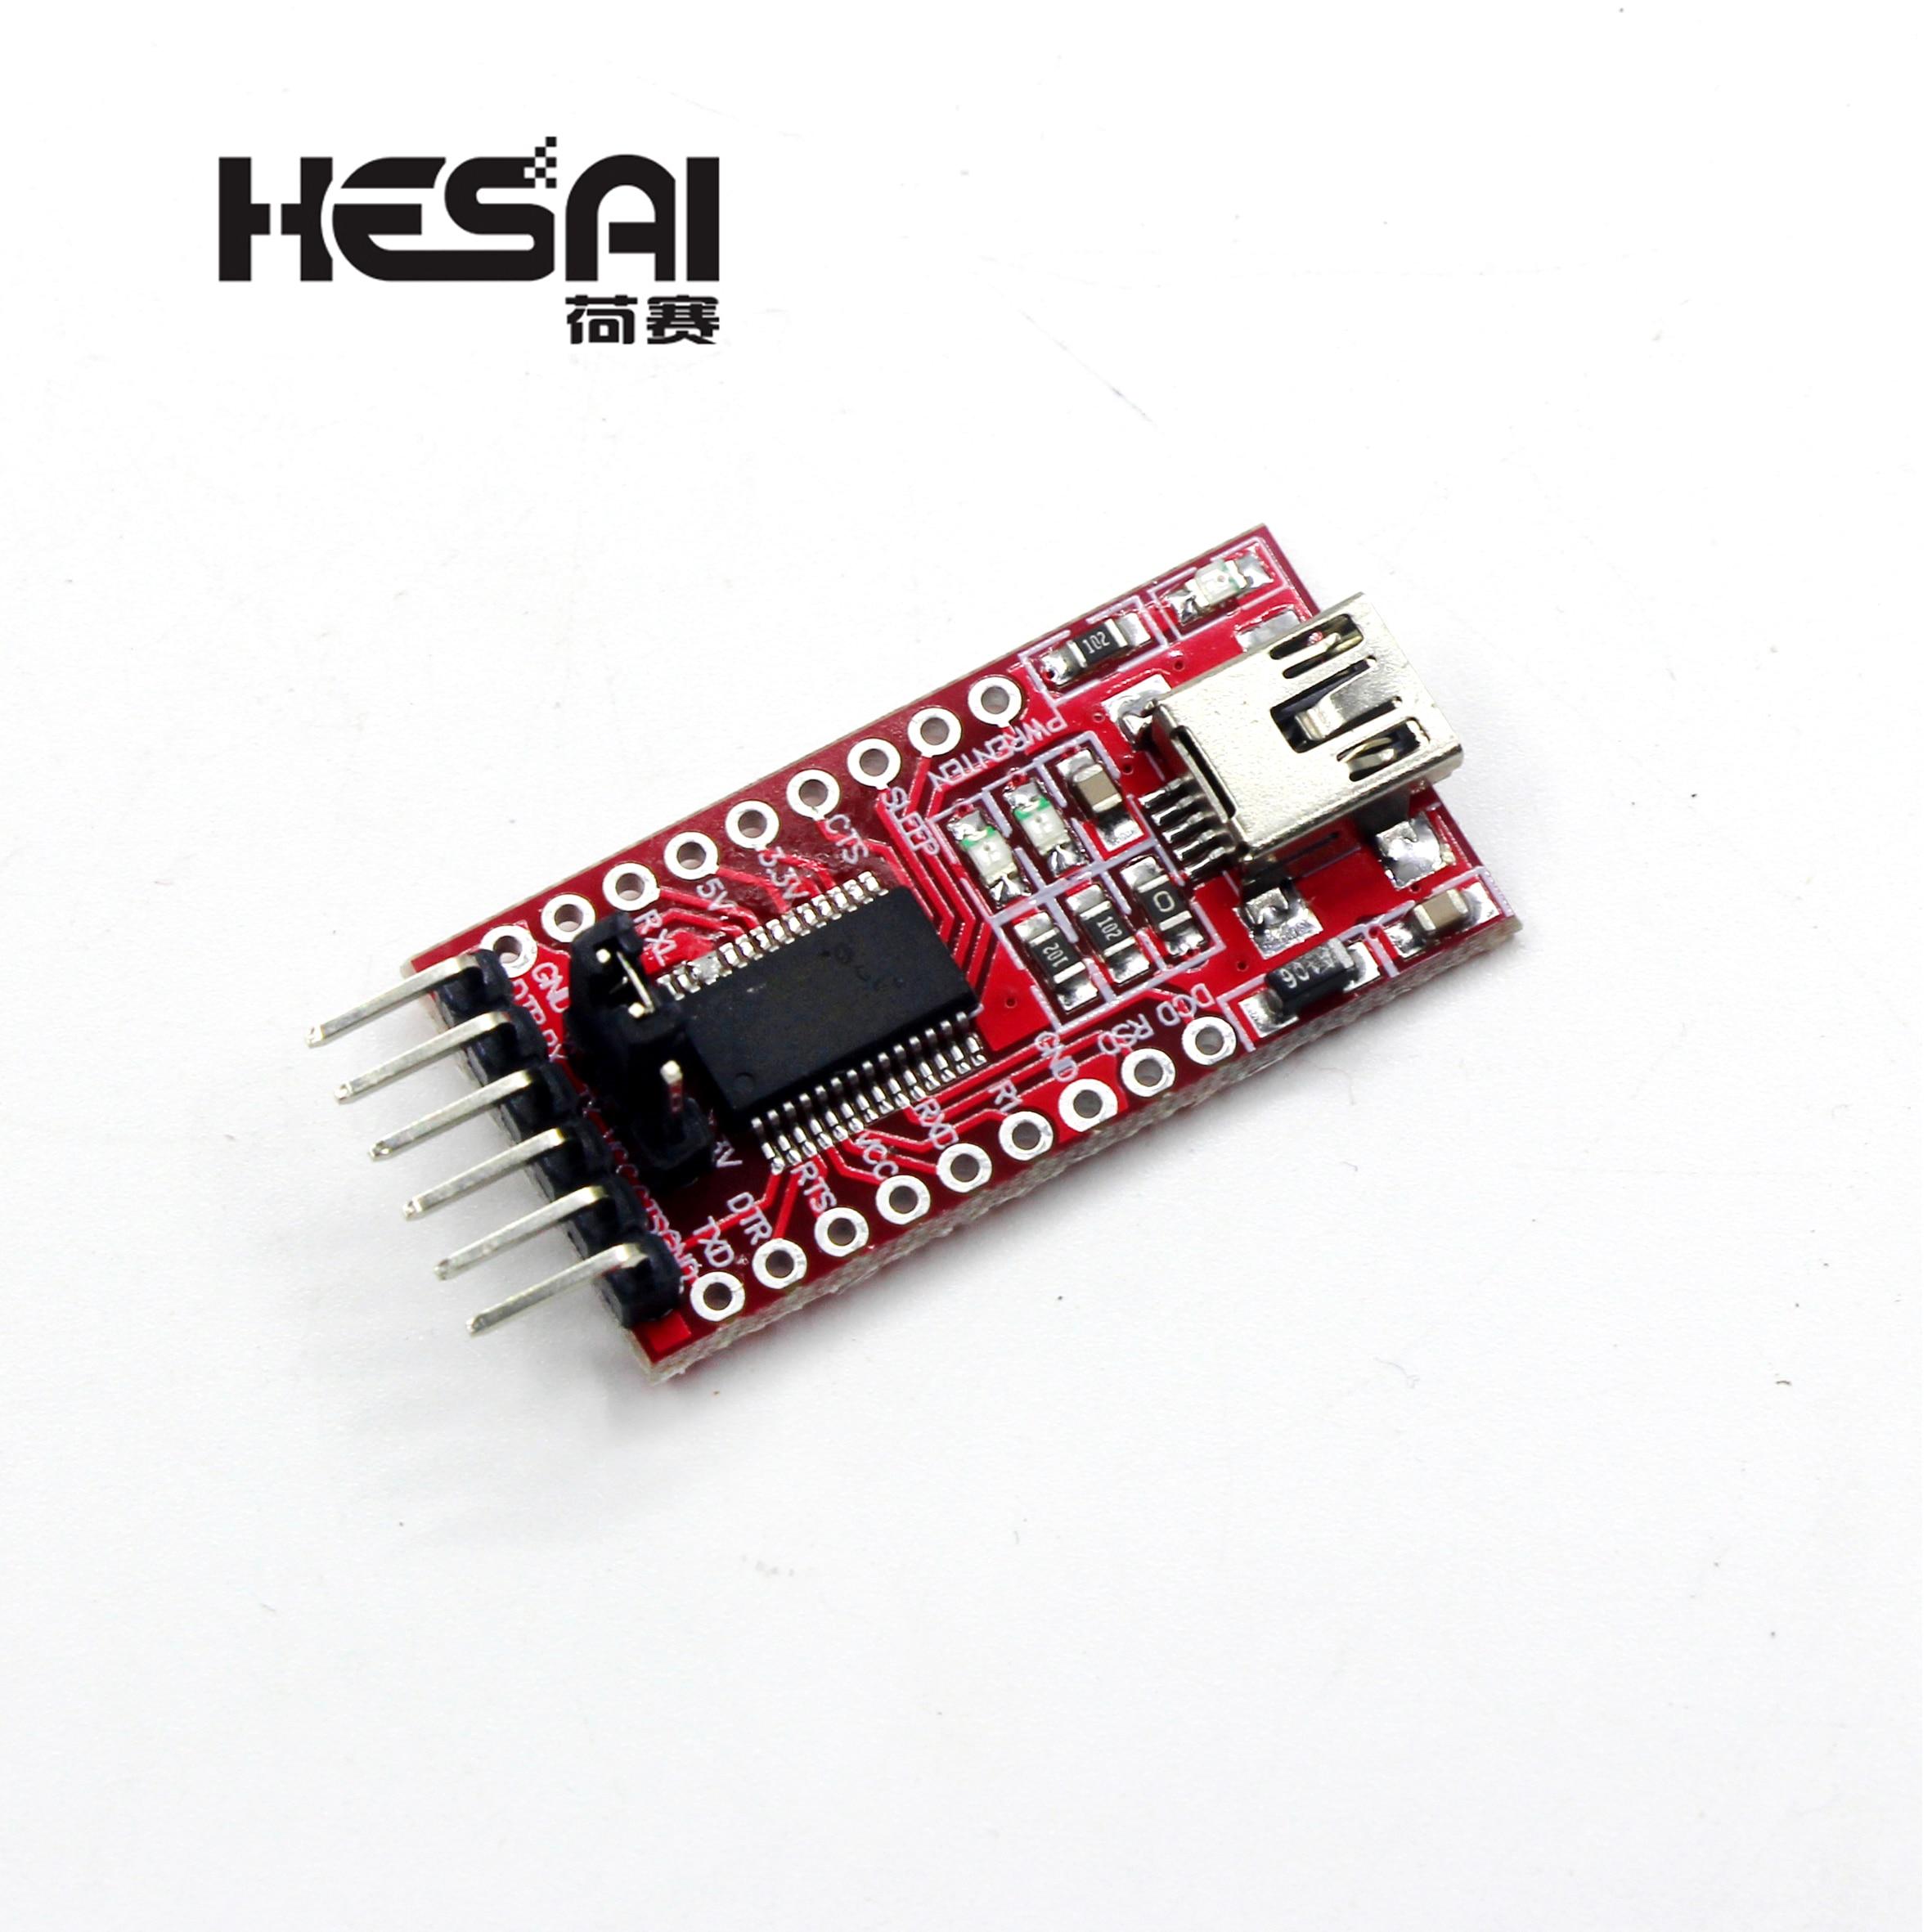 2020FT232RL FTDI USB 3.3V 5.5V to TTL Serial Adapter Module Mini Port for arduino